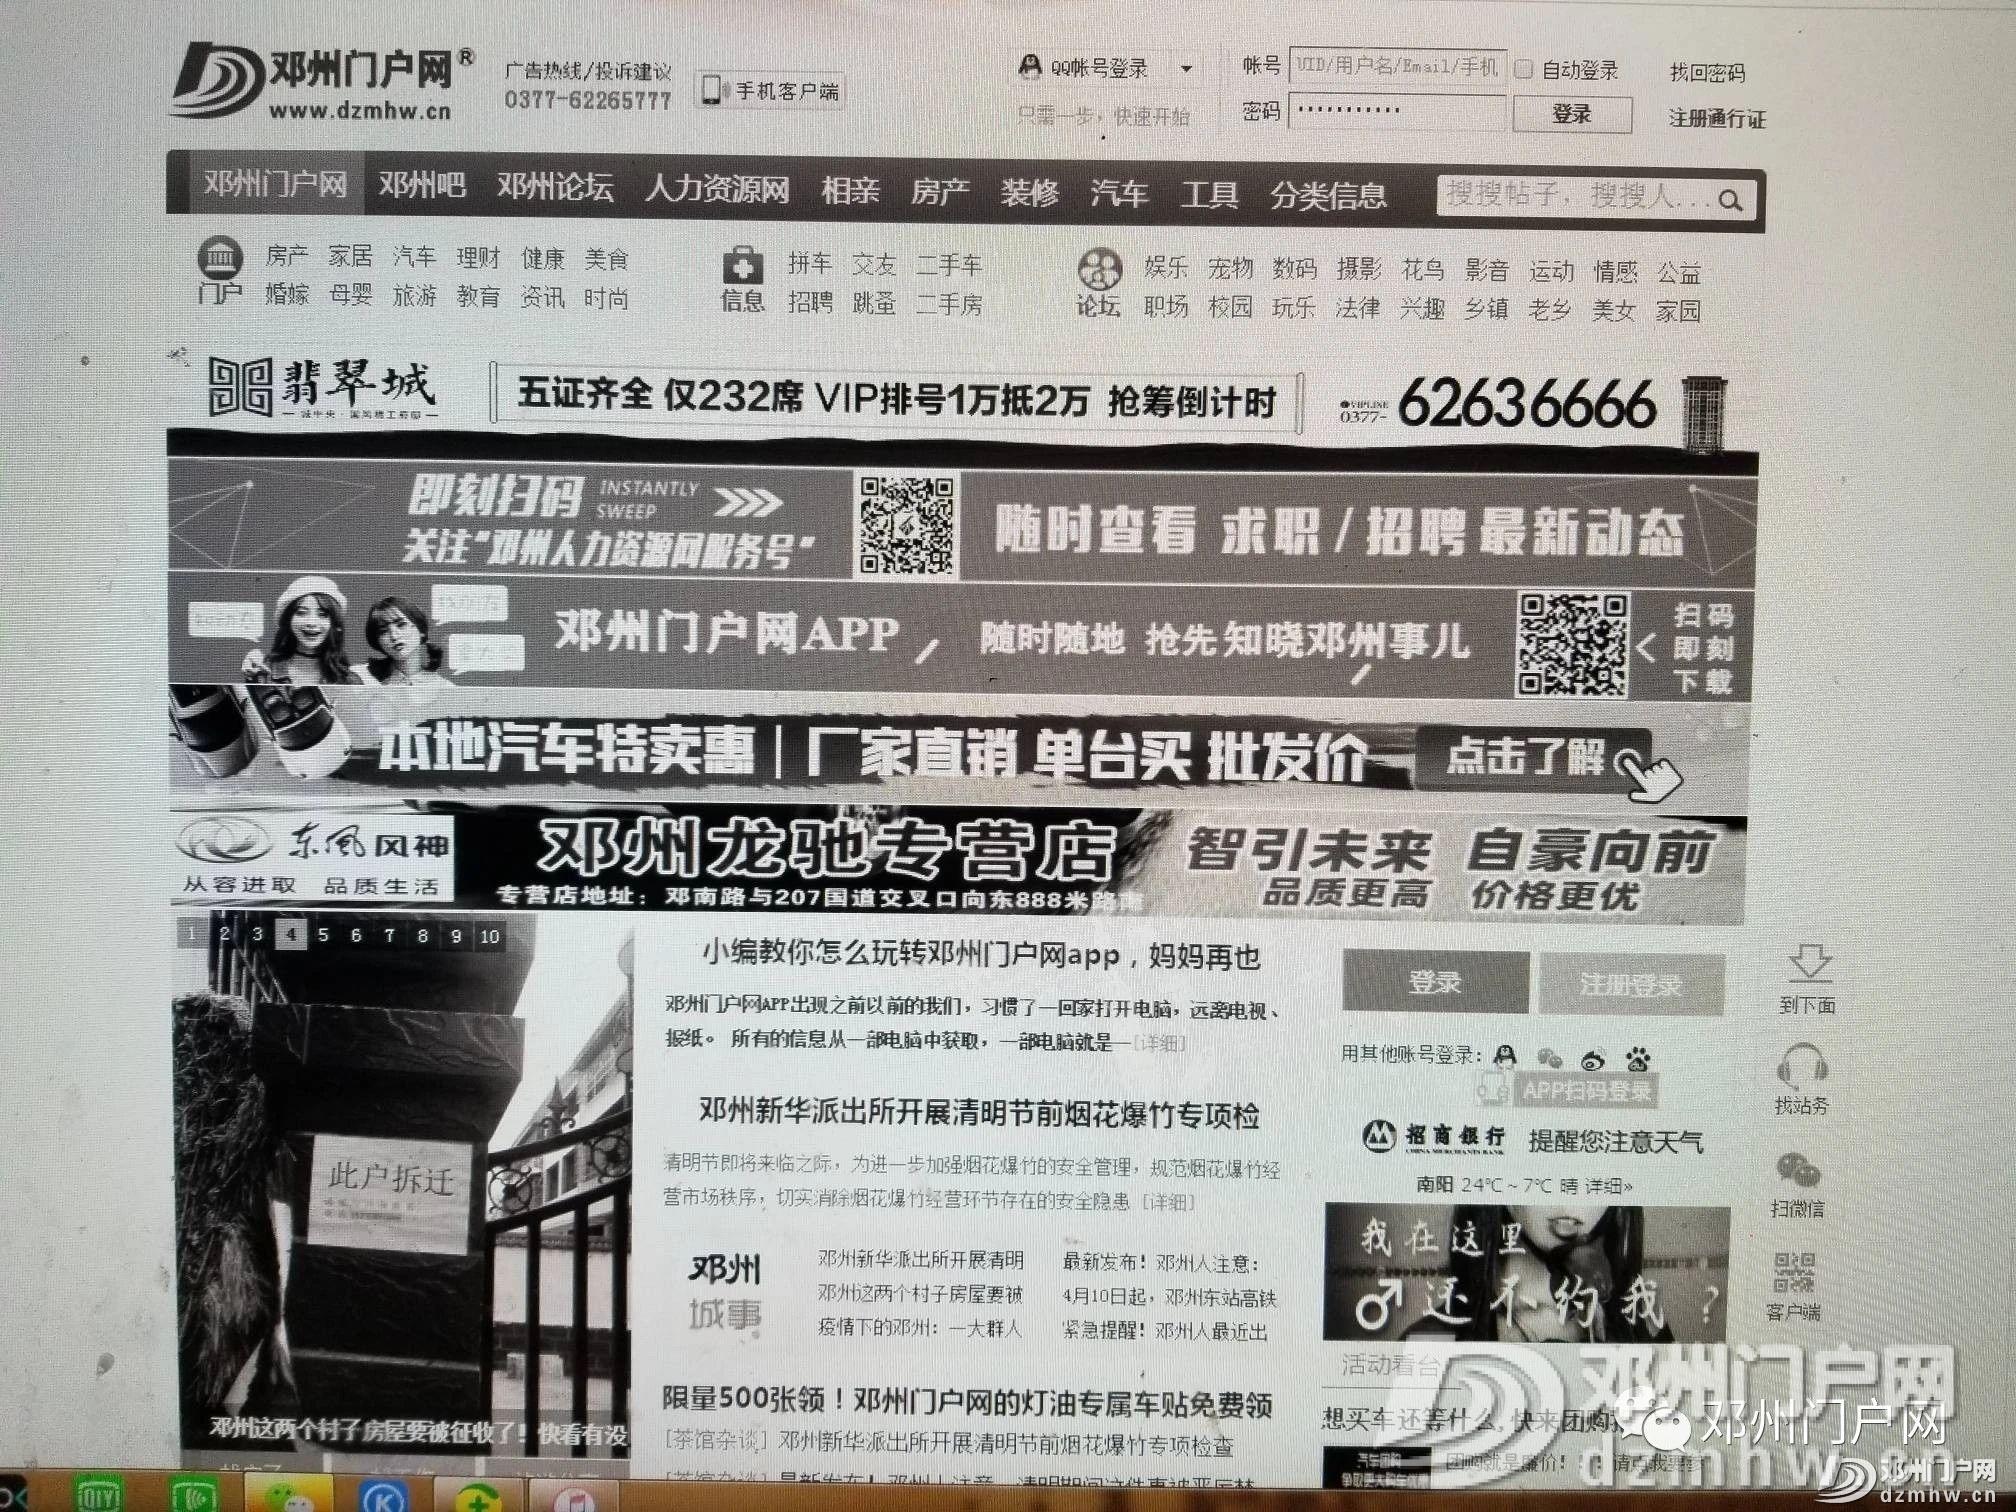 今日10点的邓州 - 邓州门户网|邓州网 - 2de6dbb19baf2ed48cf16699dd0222e1.jpg